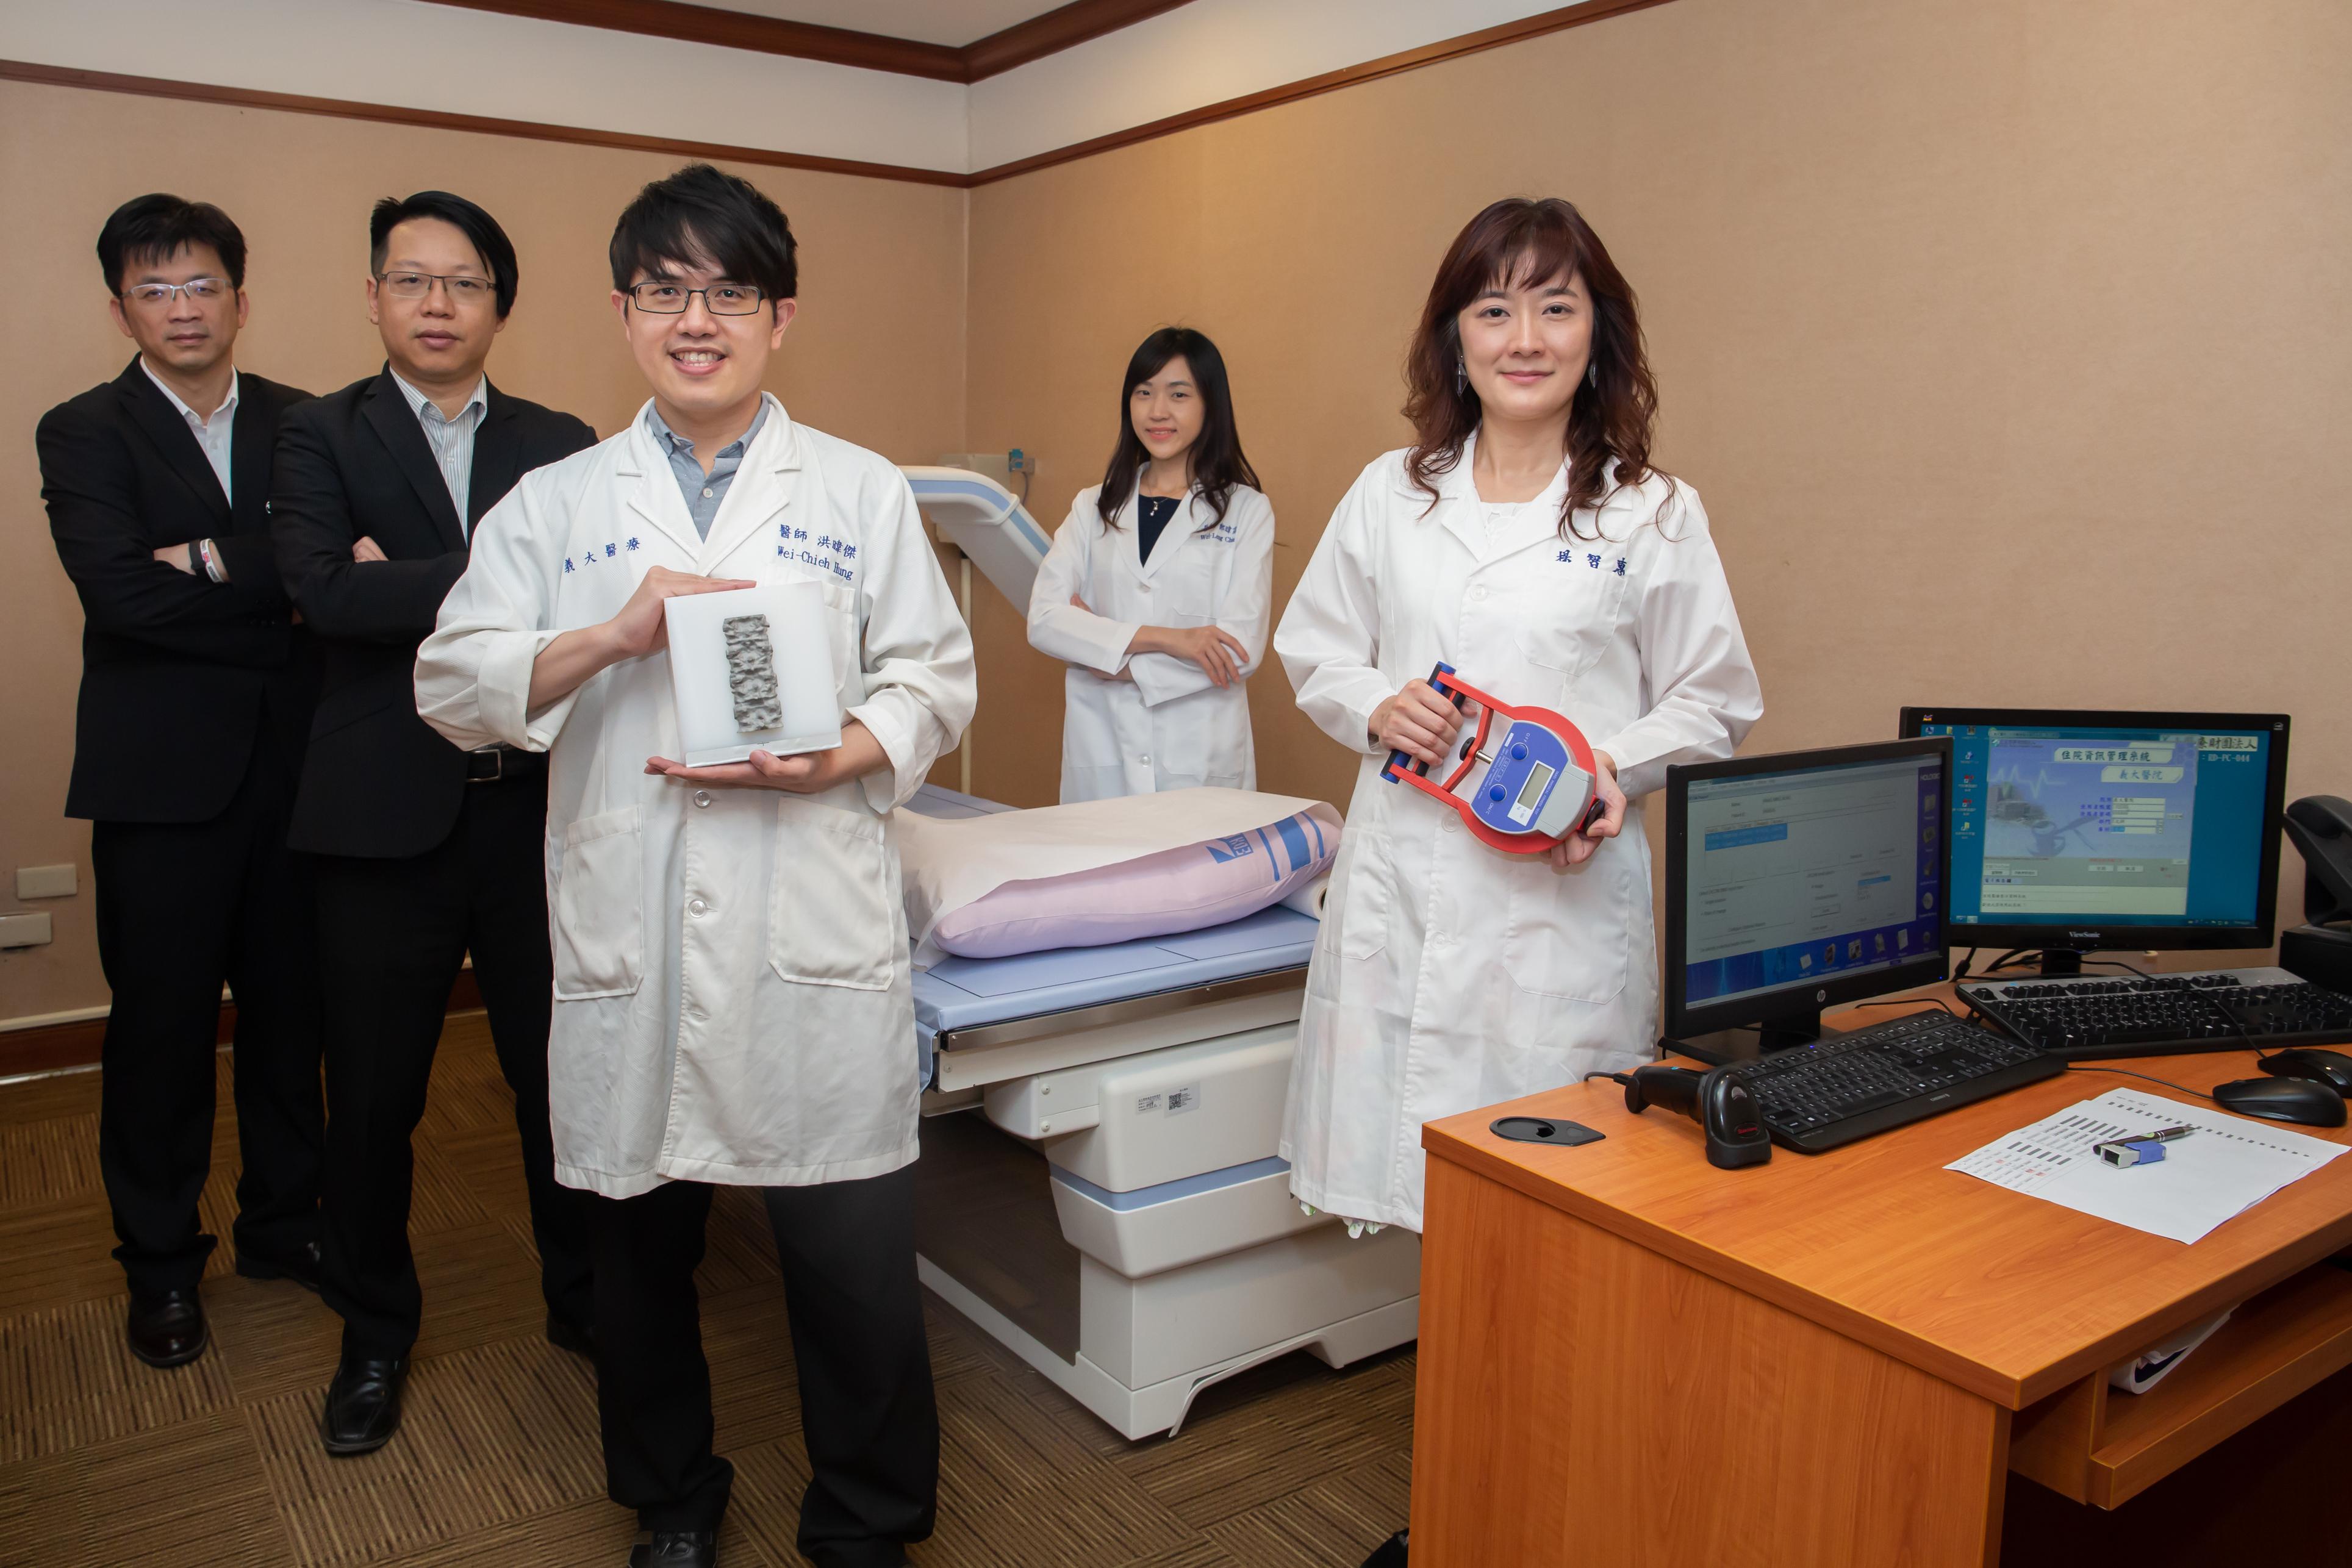 義大醫院臨床應用場域-本案已應用於骨折聯合照護服務及疾病個案管理。